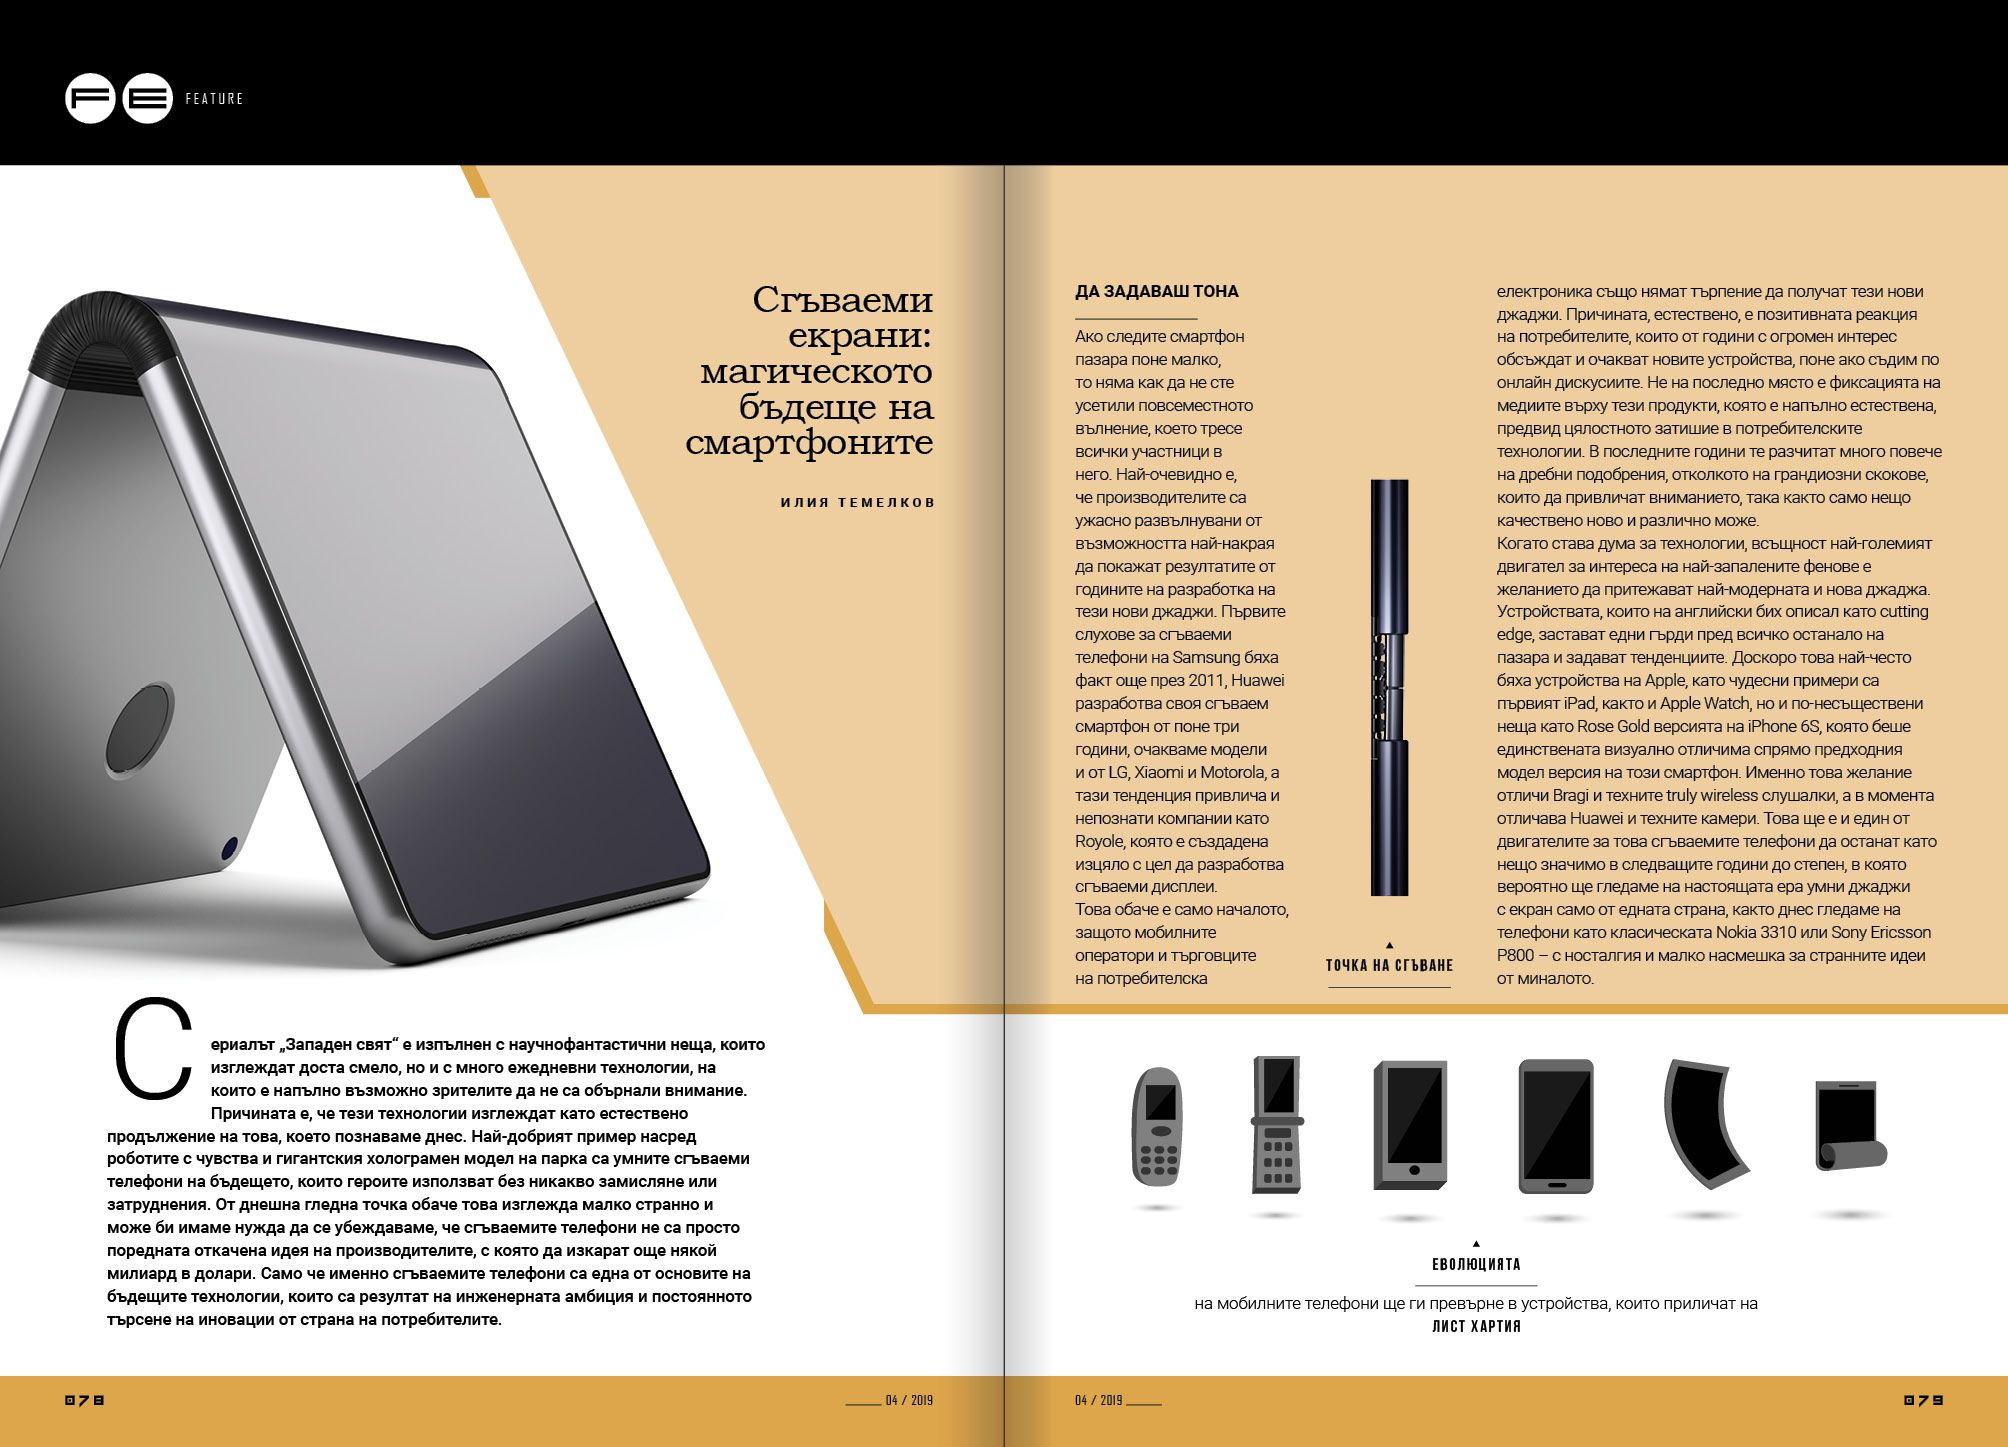 HiComm Пролет 2019: Списание за нови технологии и комуникации - брой 211 - 12